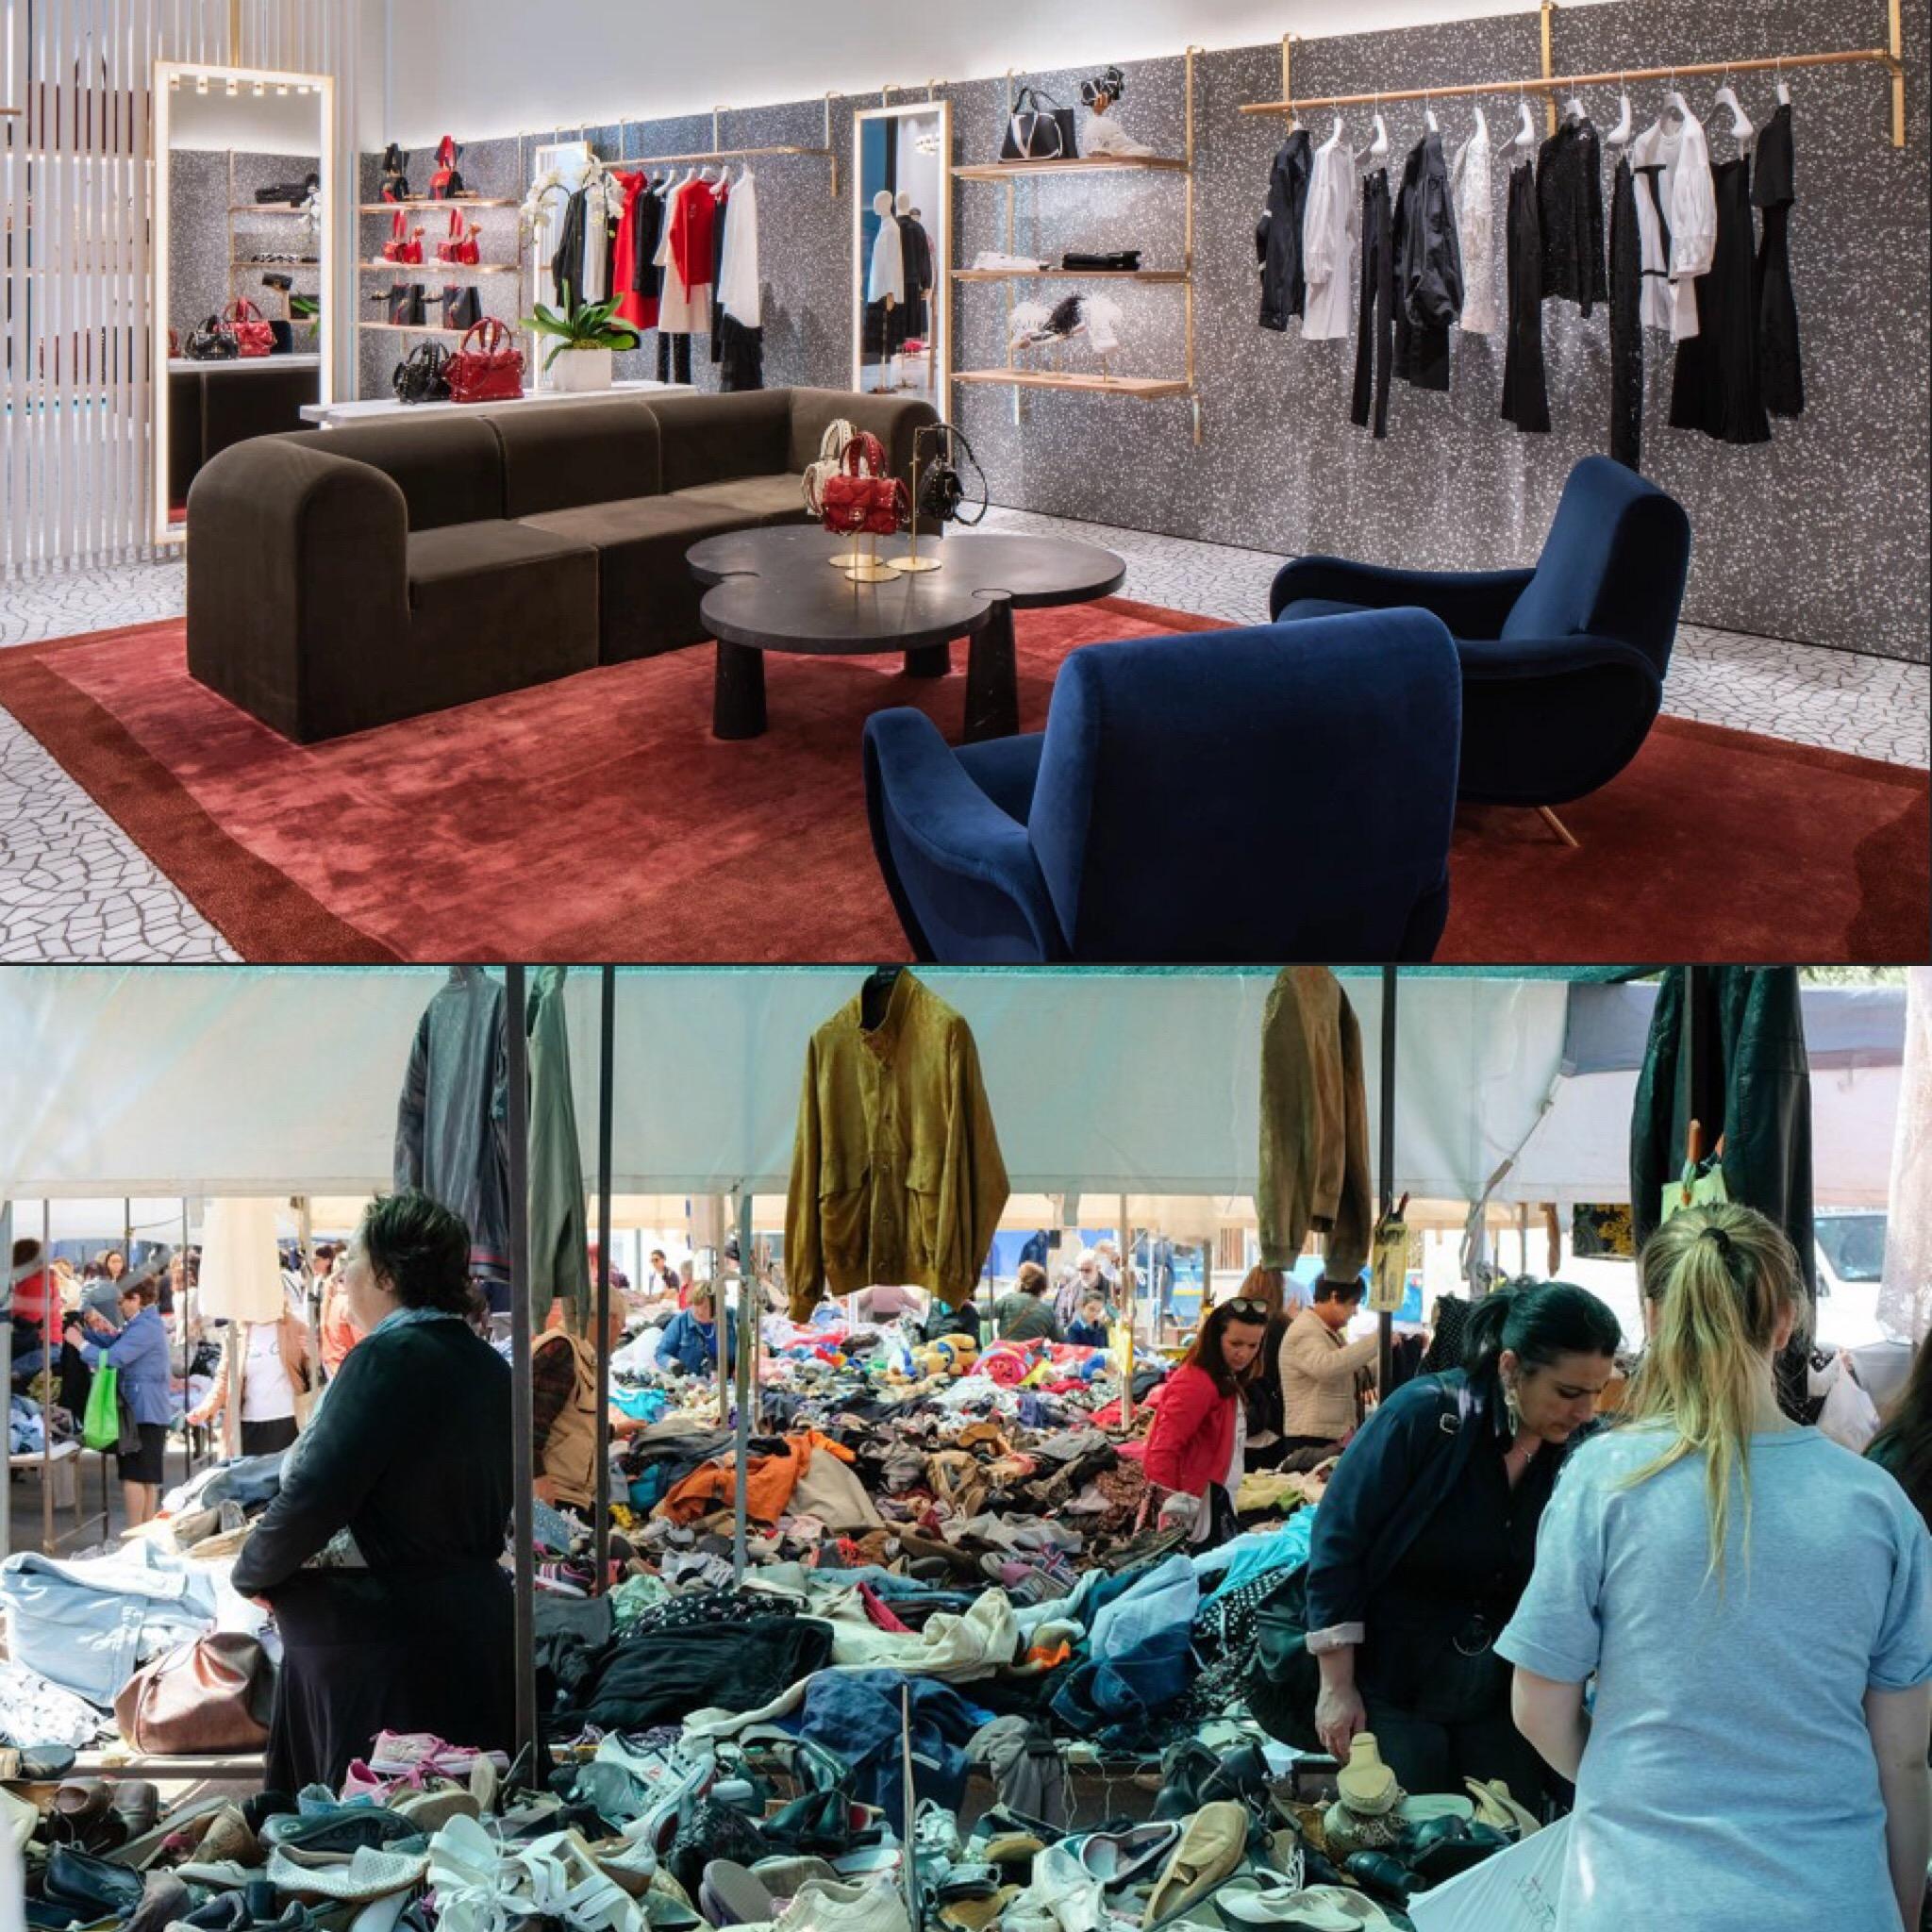 confronto tra boutique e mercato